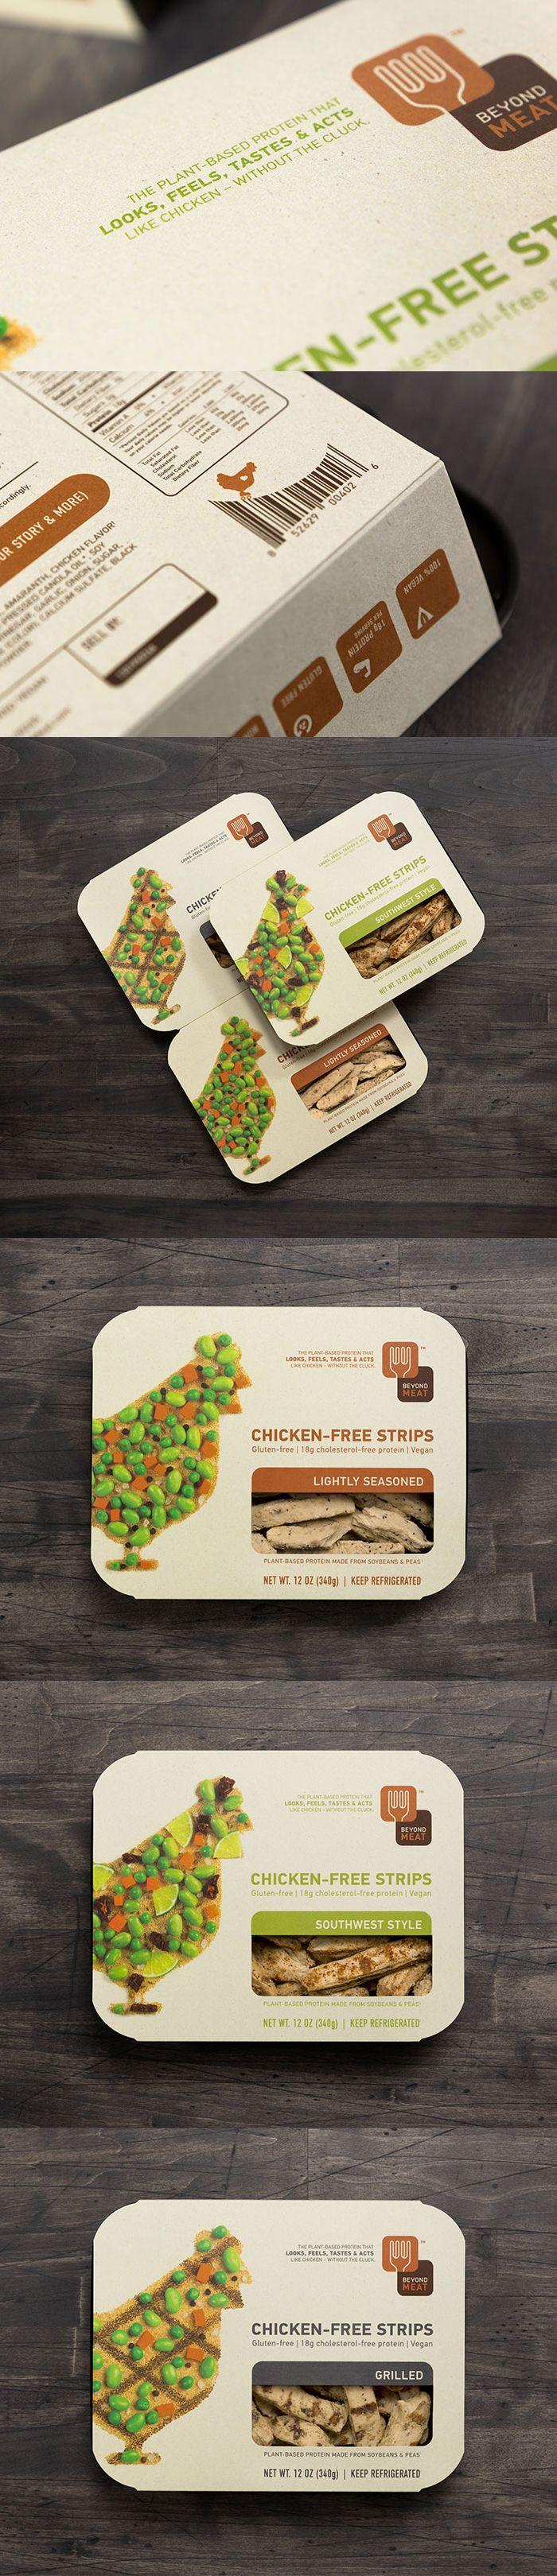 Le même ton de couleur(vert,brun,beige), le logo du poulet qui revient sur le dessus de chaque emballage